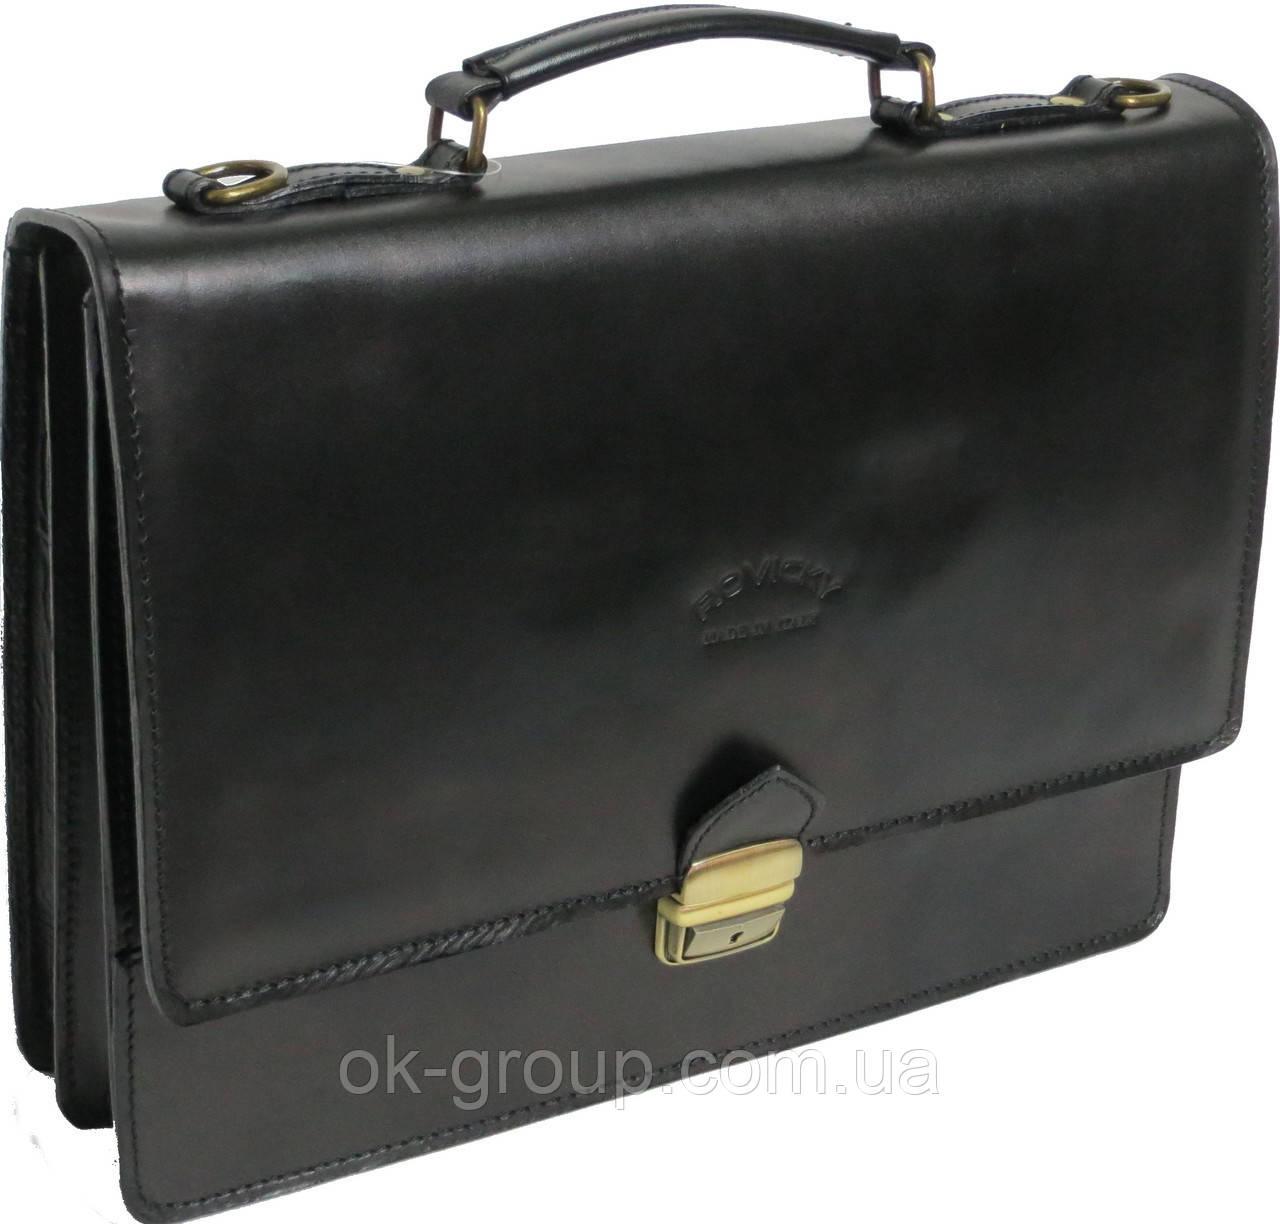 Портфель из качественной натуральной кожи Rovicky AWR-2 черный